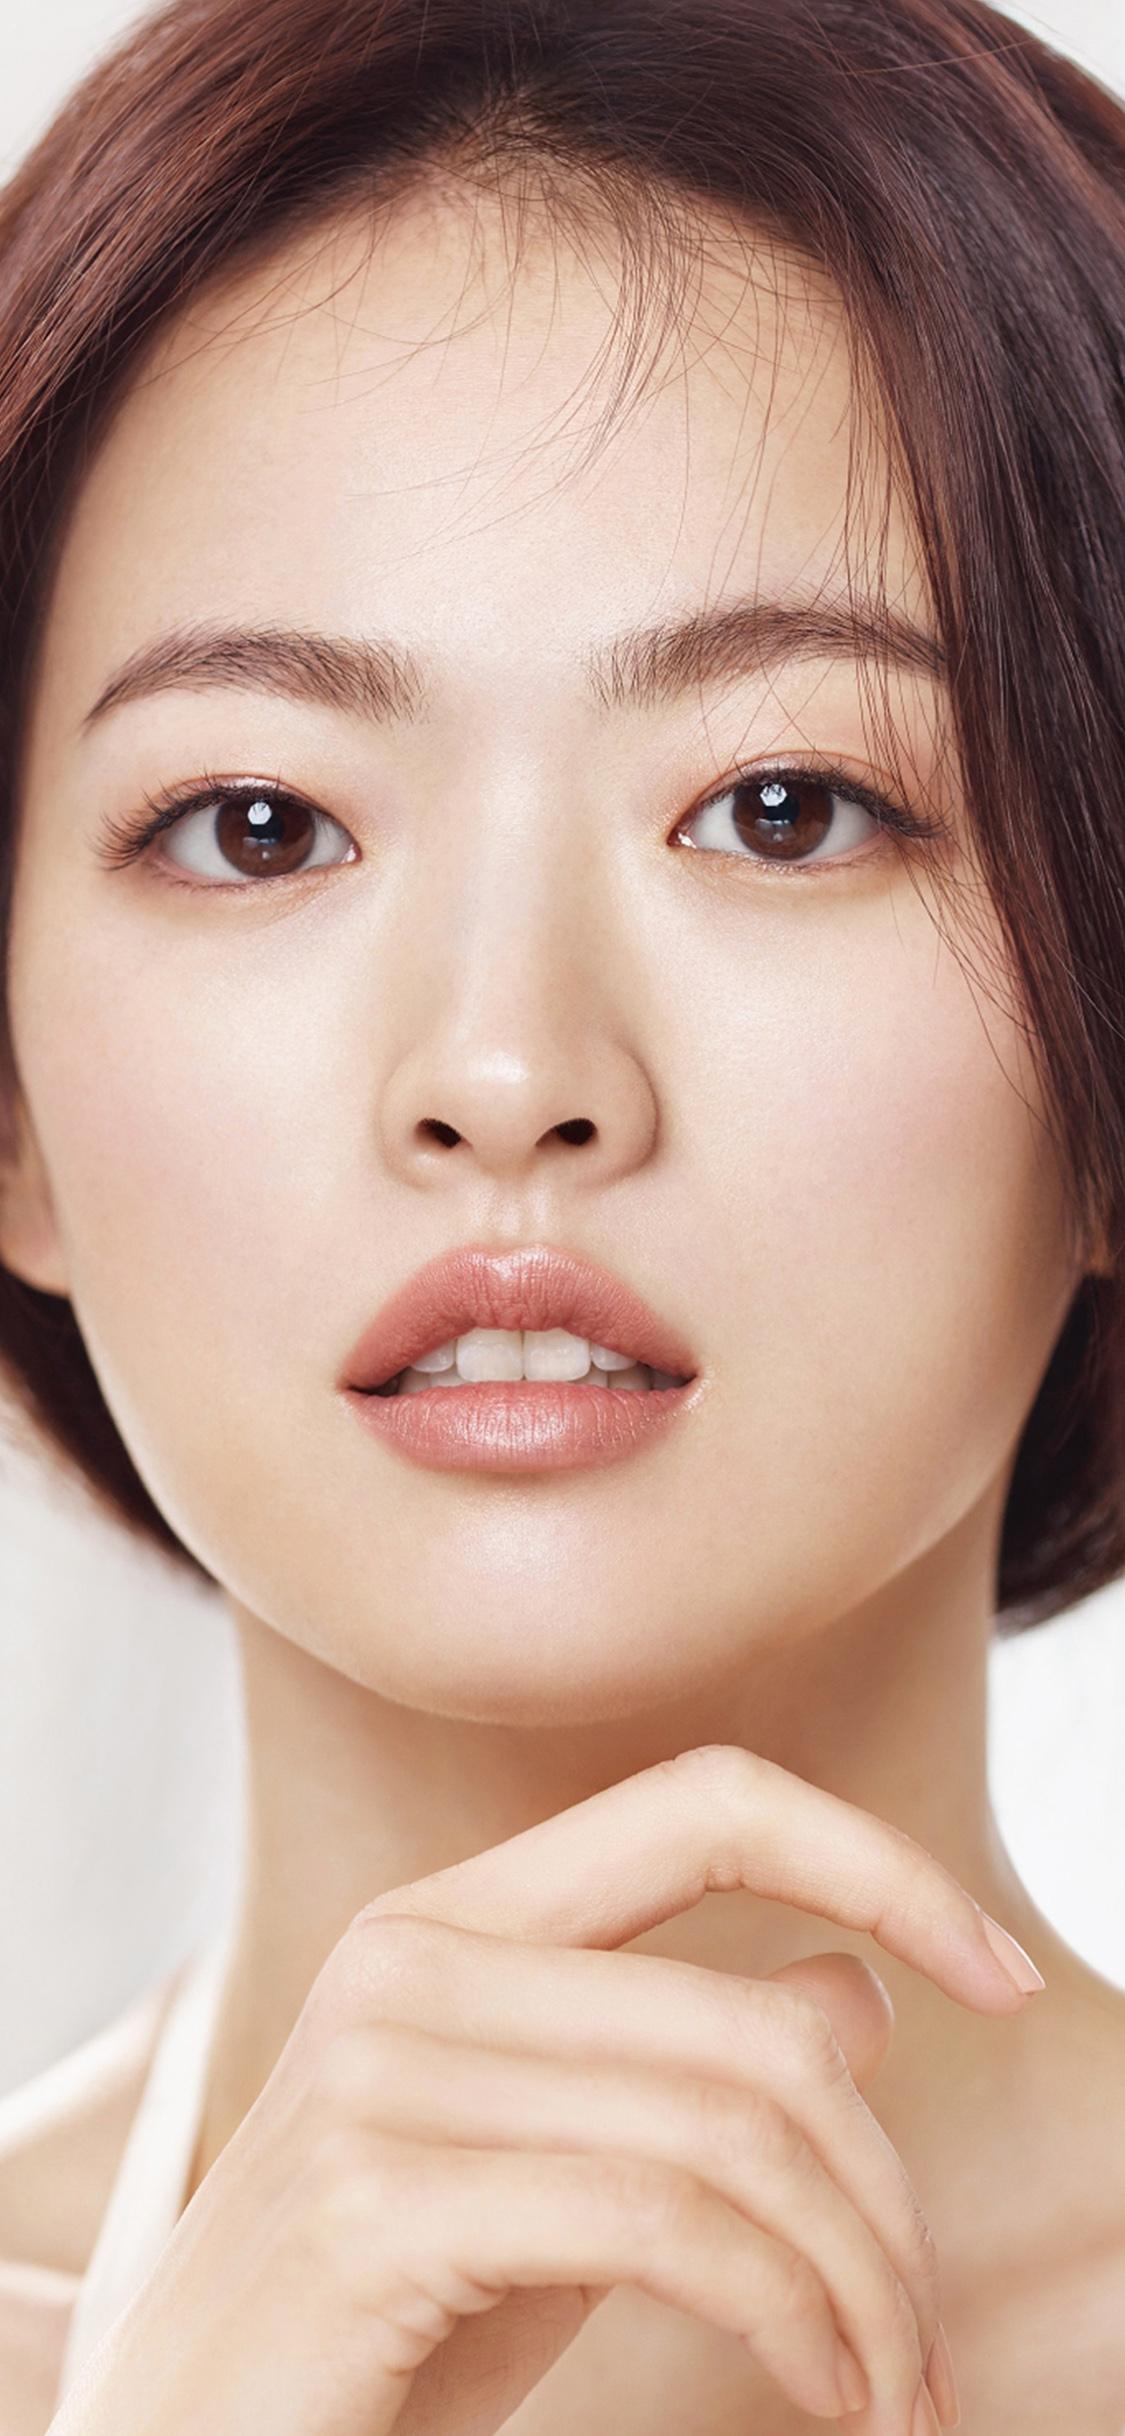 iPhoneXpapers.com-Apple-iPhone-wallpaper-hi49-kpop-asian-girl-face-beauty